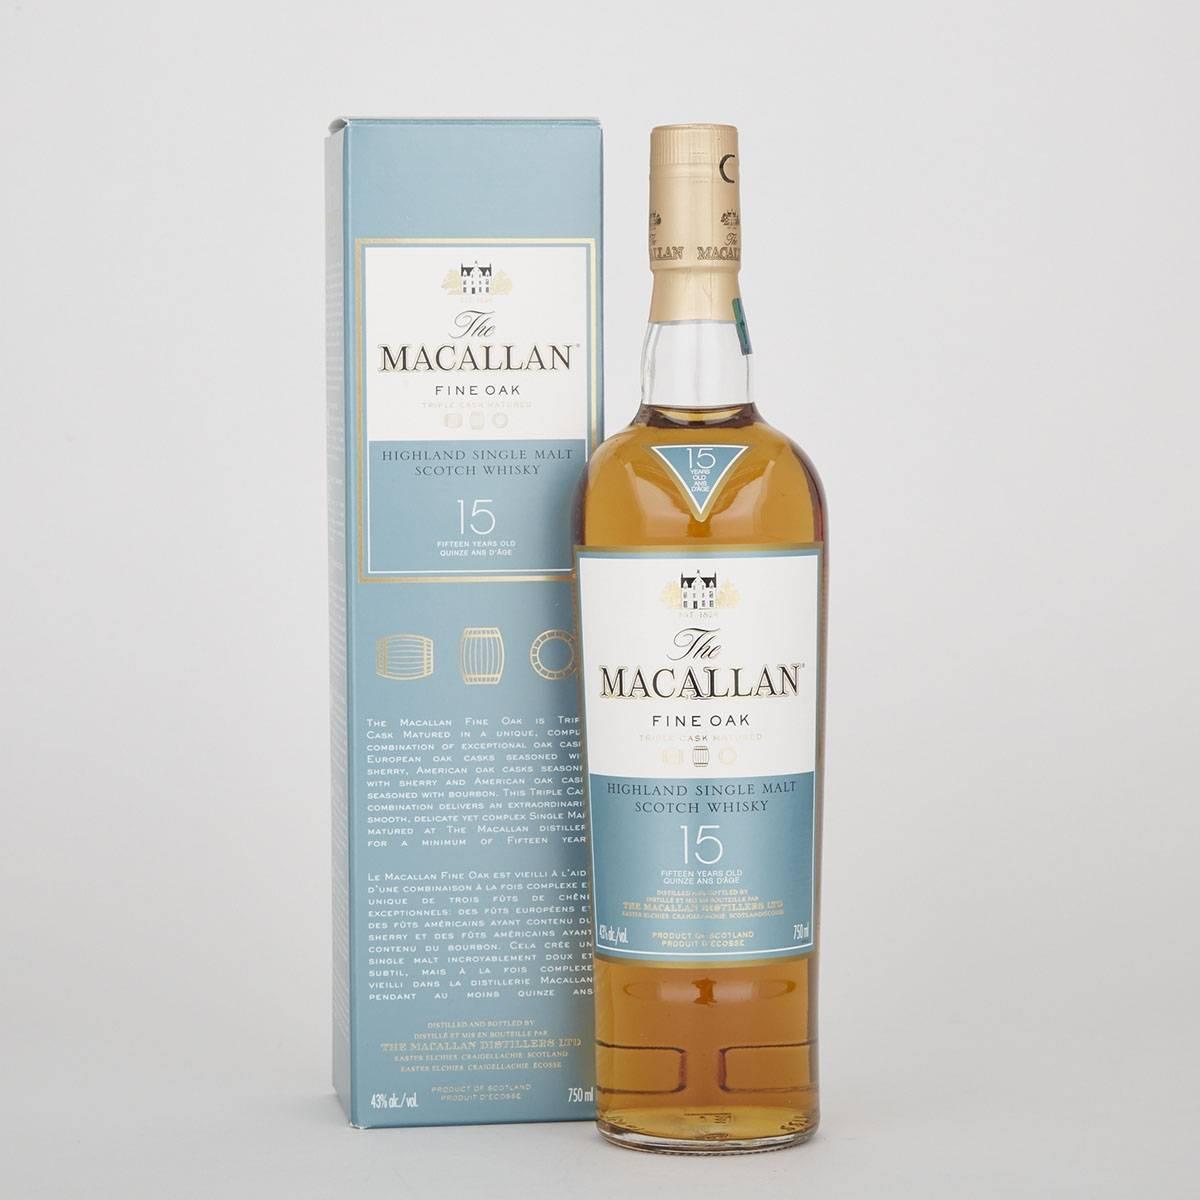 Самый дорогой виски в мире - the macallan in lalique - 460 тысяч долларов